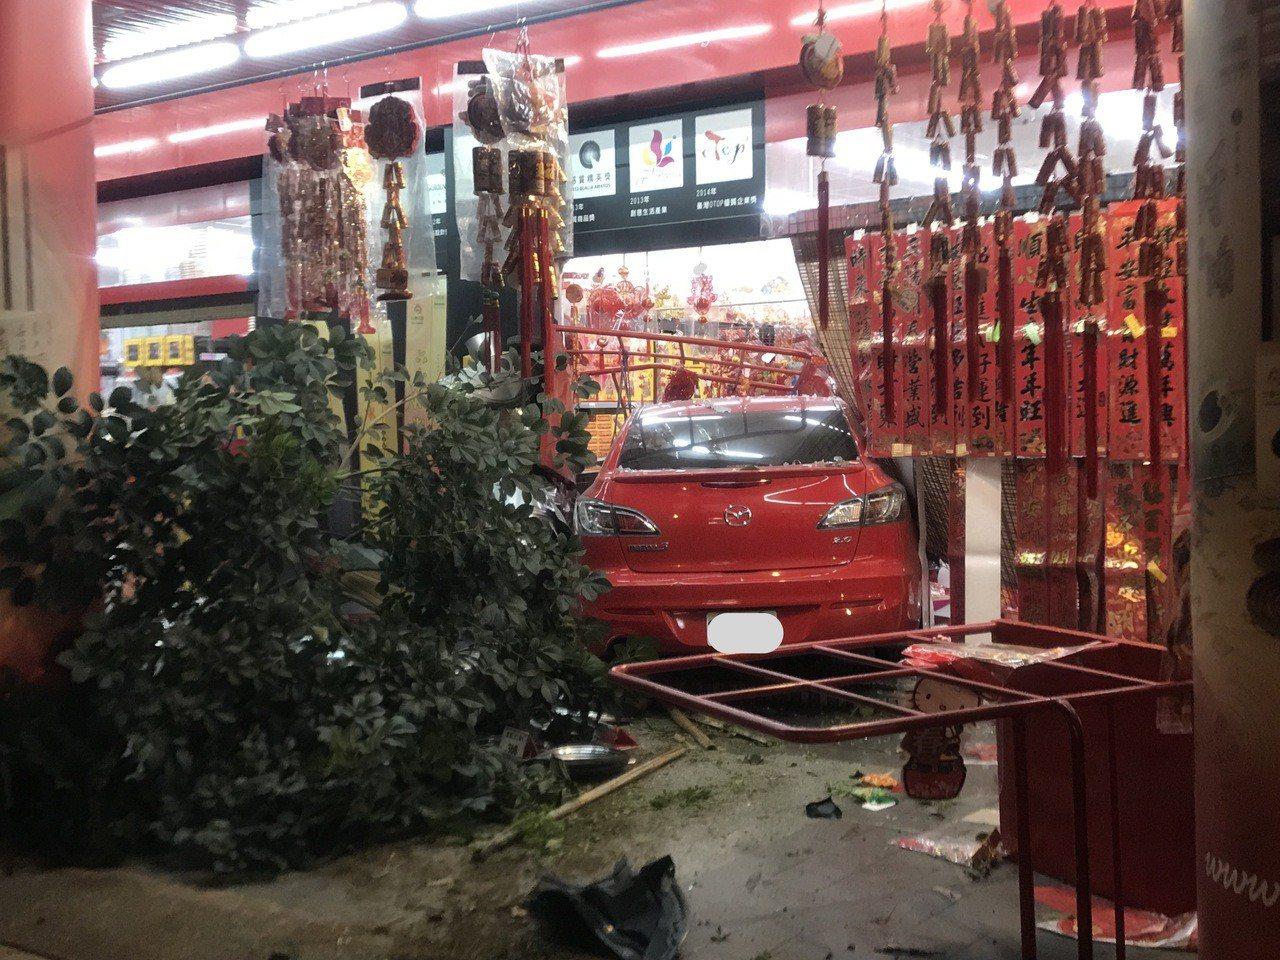 李姓老翁駕車撞進路旁檀香店,好在店內客人即時閃開。記者劉星君/翻攝